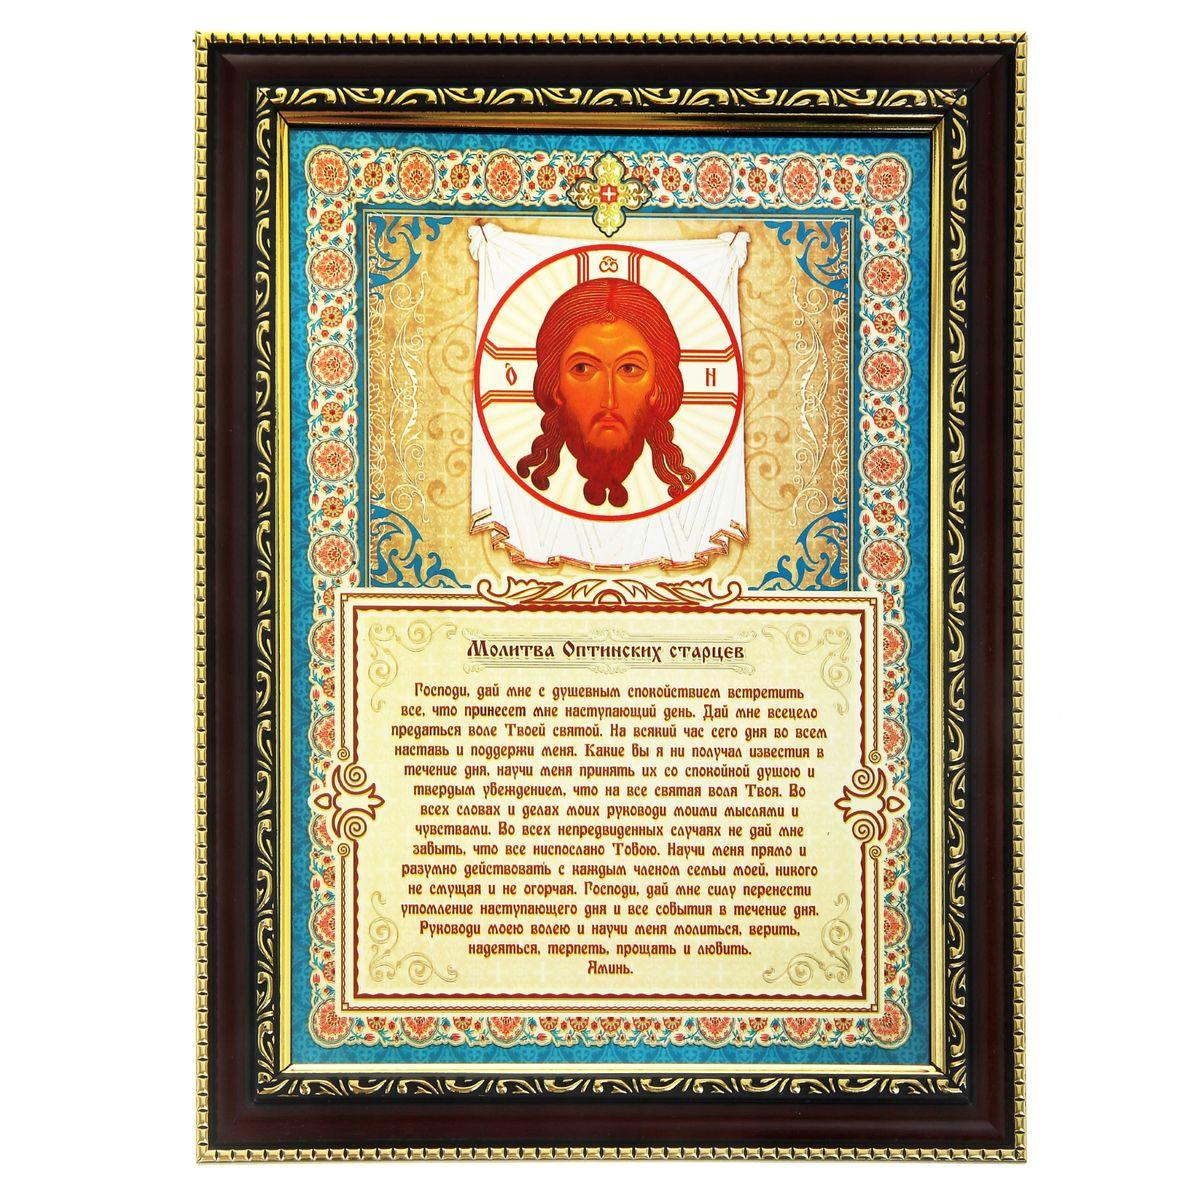 Икона с молитвой Молитва Оптинских старцев, 26 см х 34,5 см185070Икона Молитва Оптинских старцев состоит из деревянной рамки с пластиковым орнаментом и со стеклом, в которую вставлен фольгированный лист с изображением православной иконы и молитвы. С задней стороны имеется ножка для удобного размещения на плоской горизонтальной поверхности. Изображенный образ полностью соответствует канонам Русской Православной Церкви.Такая икона в рамке привнесет в ваш дом согласие и мир и будет прекрасным подарком, оберегающим близких вам людей.